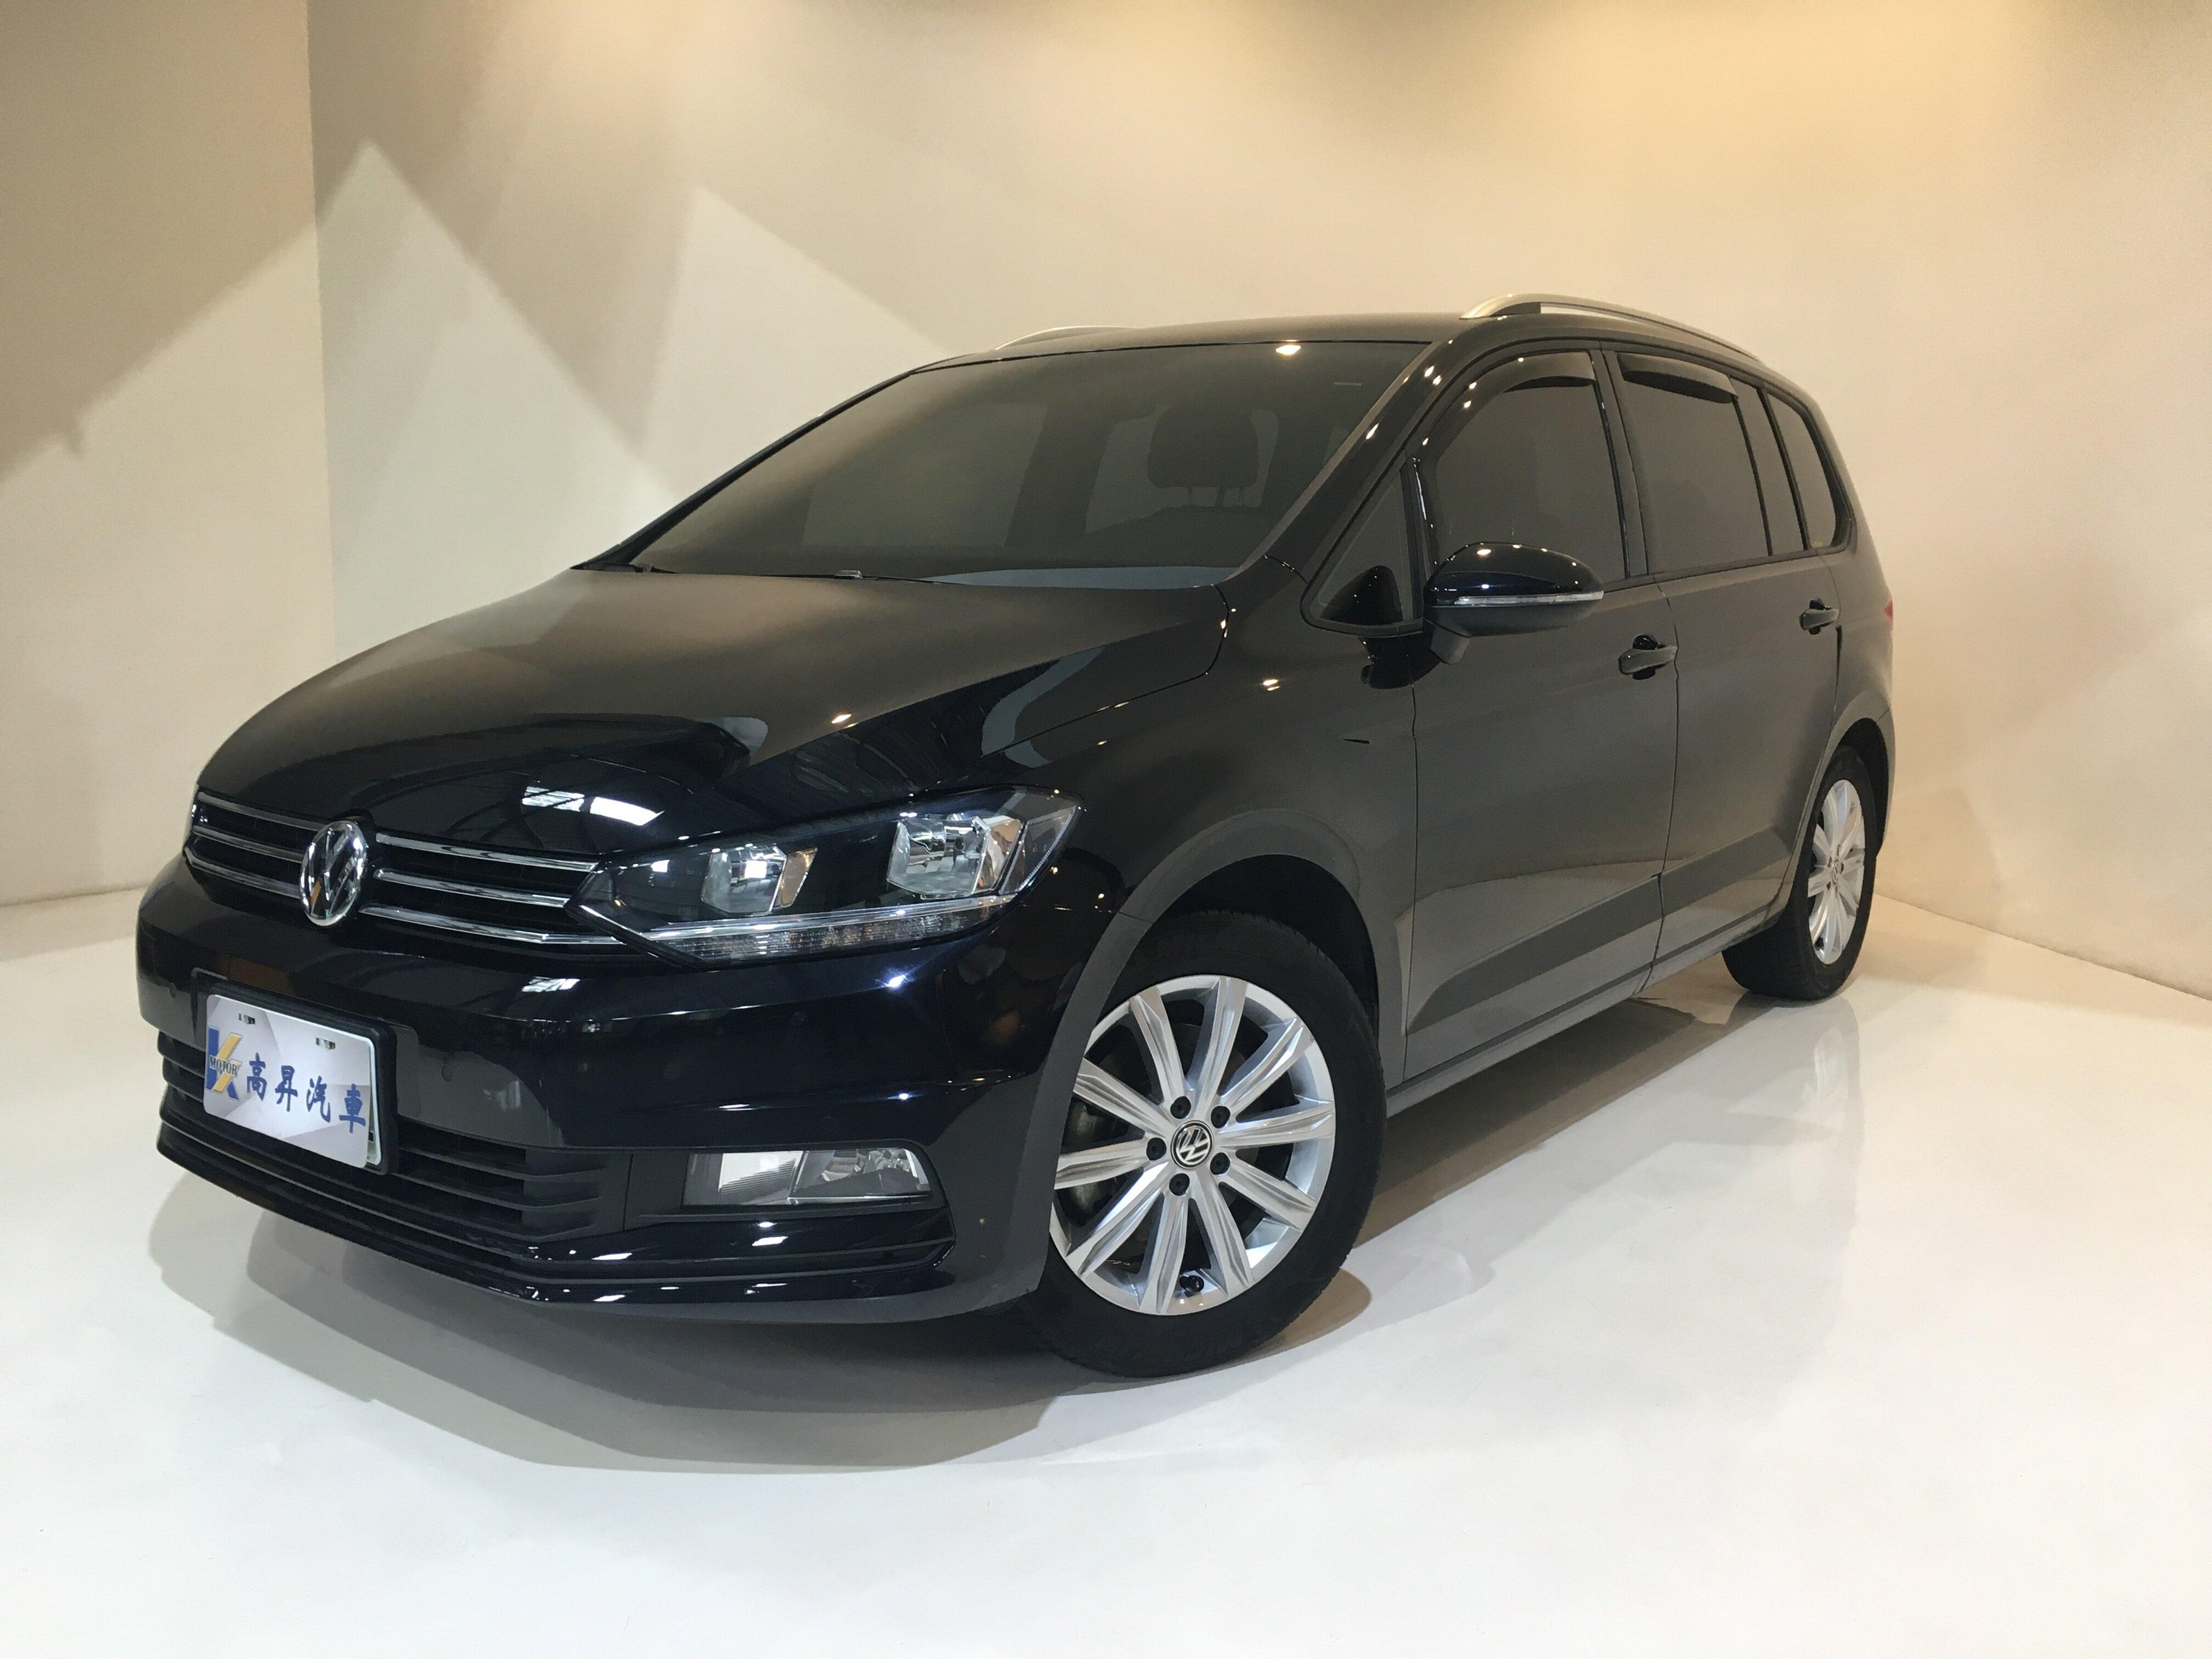 2017 Volkswagen 福斯 Touran